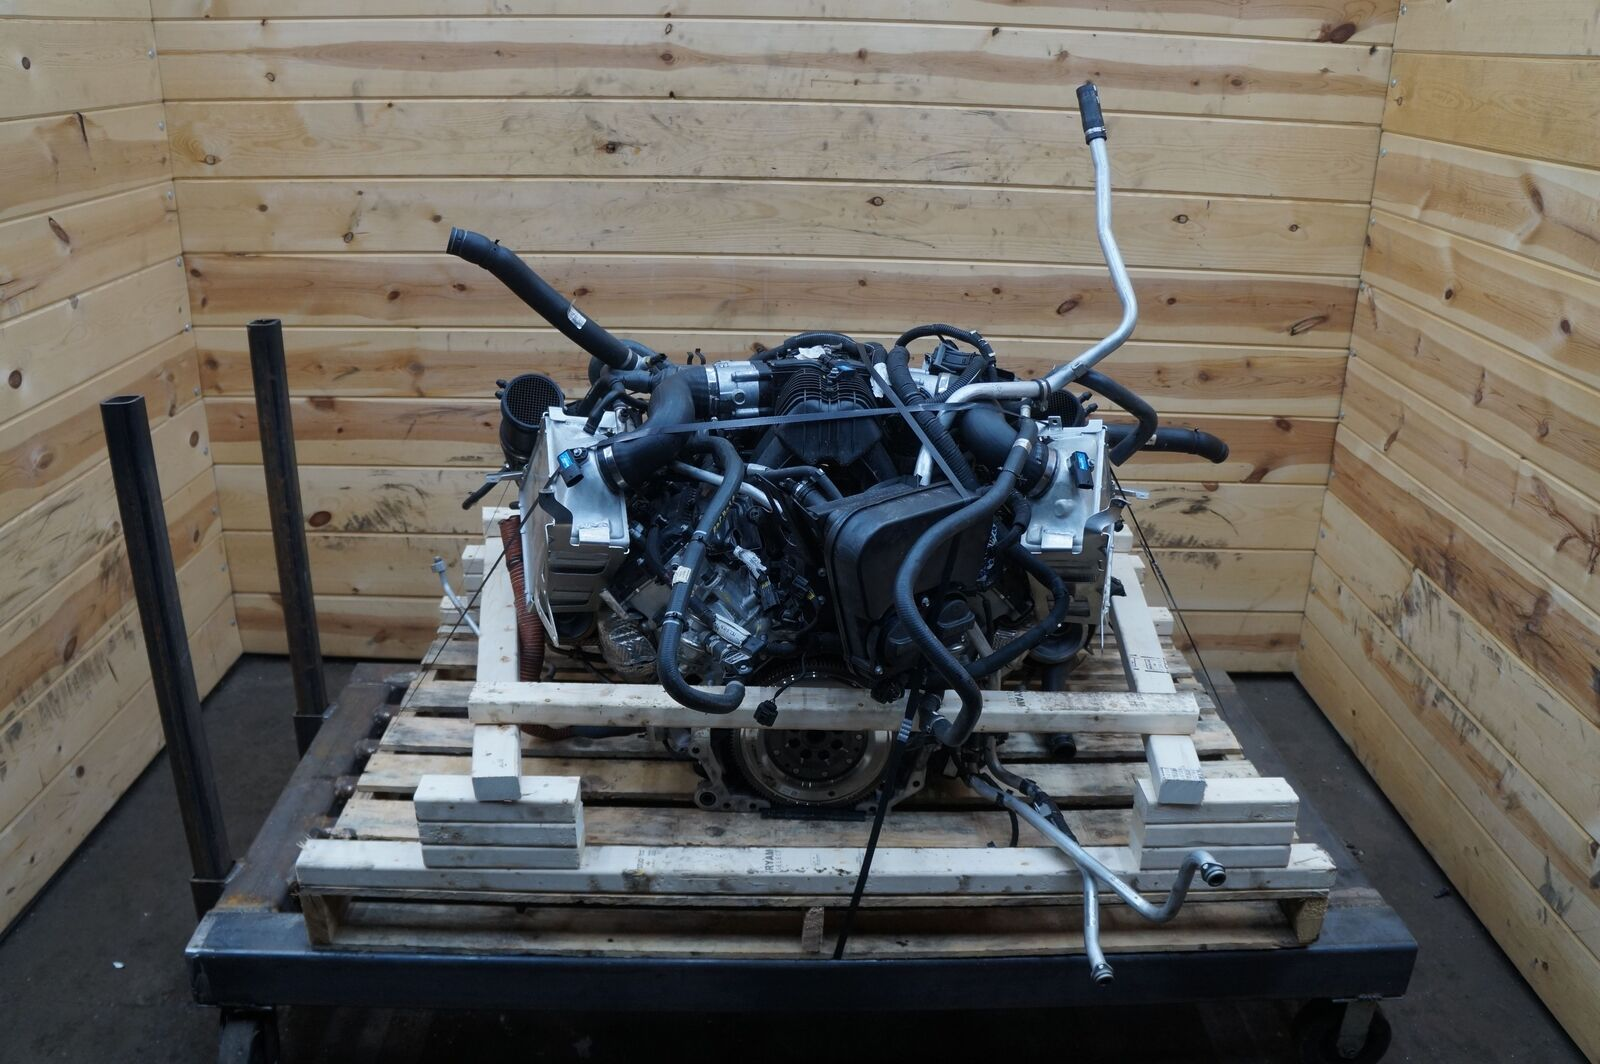 3 8l v8 twin turbo m838t engine motor mclaren 570s 540c. Black Bedroom Furniture Sets. Home Design Ideas